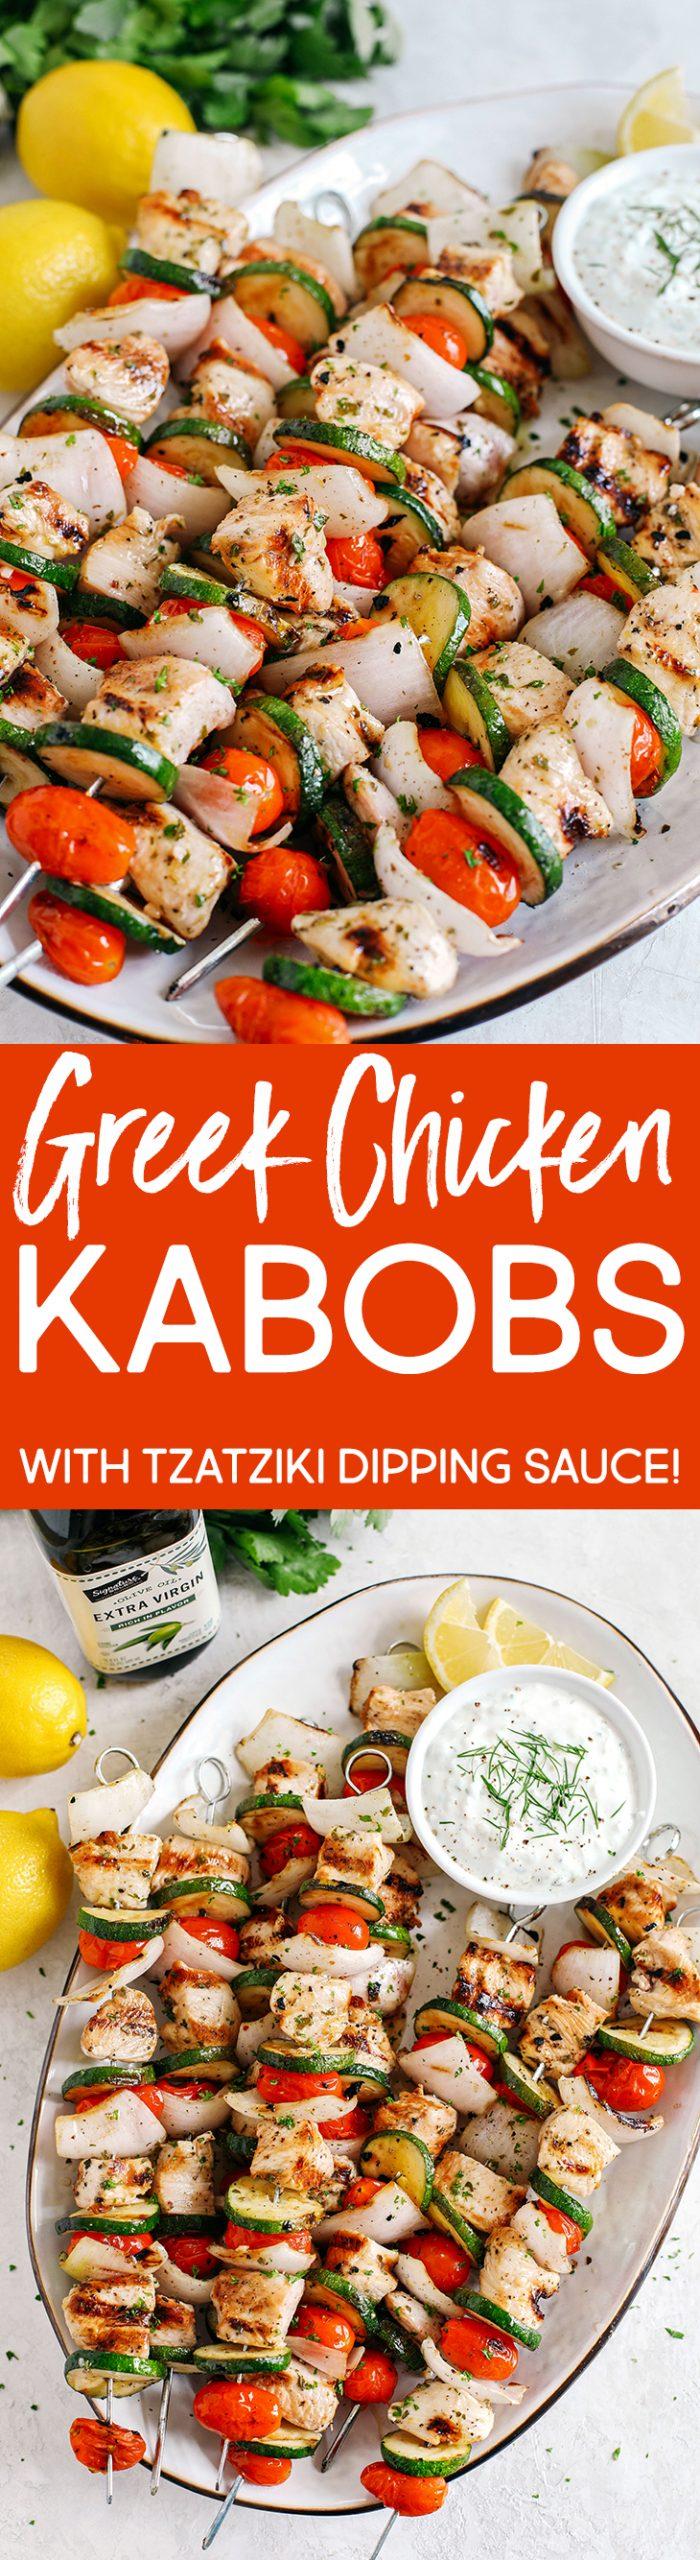 Espetinhos de frango gregos super saborosos marinados em suco de limão picante, alho e ervas frescas e servidos com molho tzatziki caseiro!